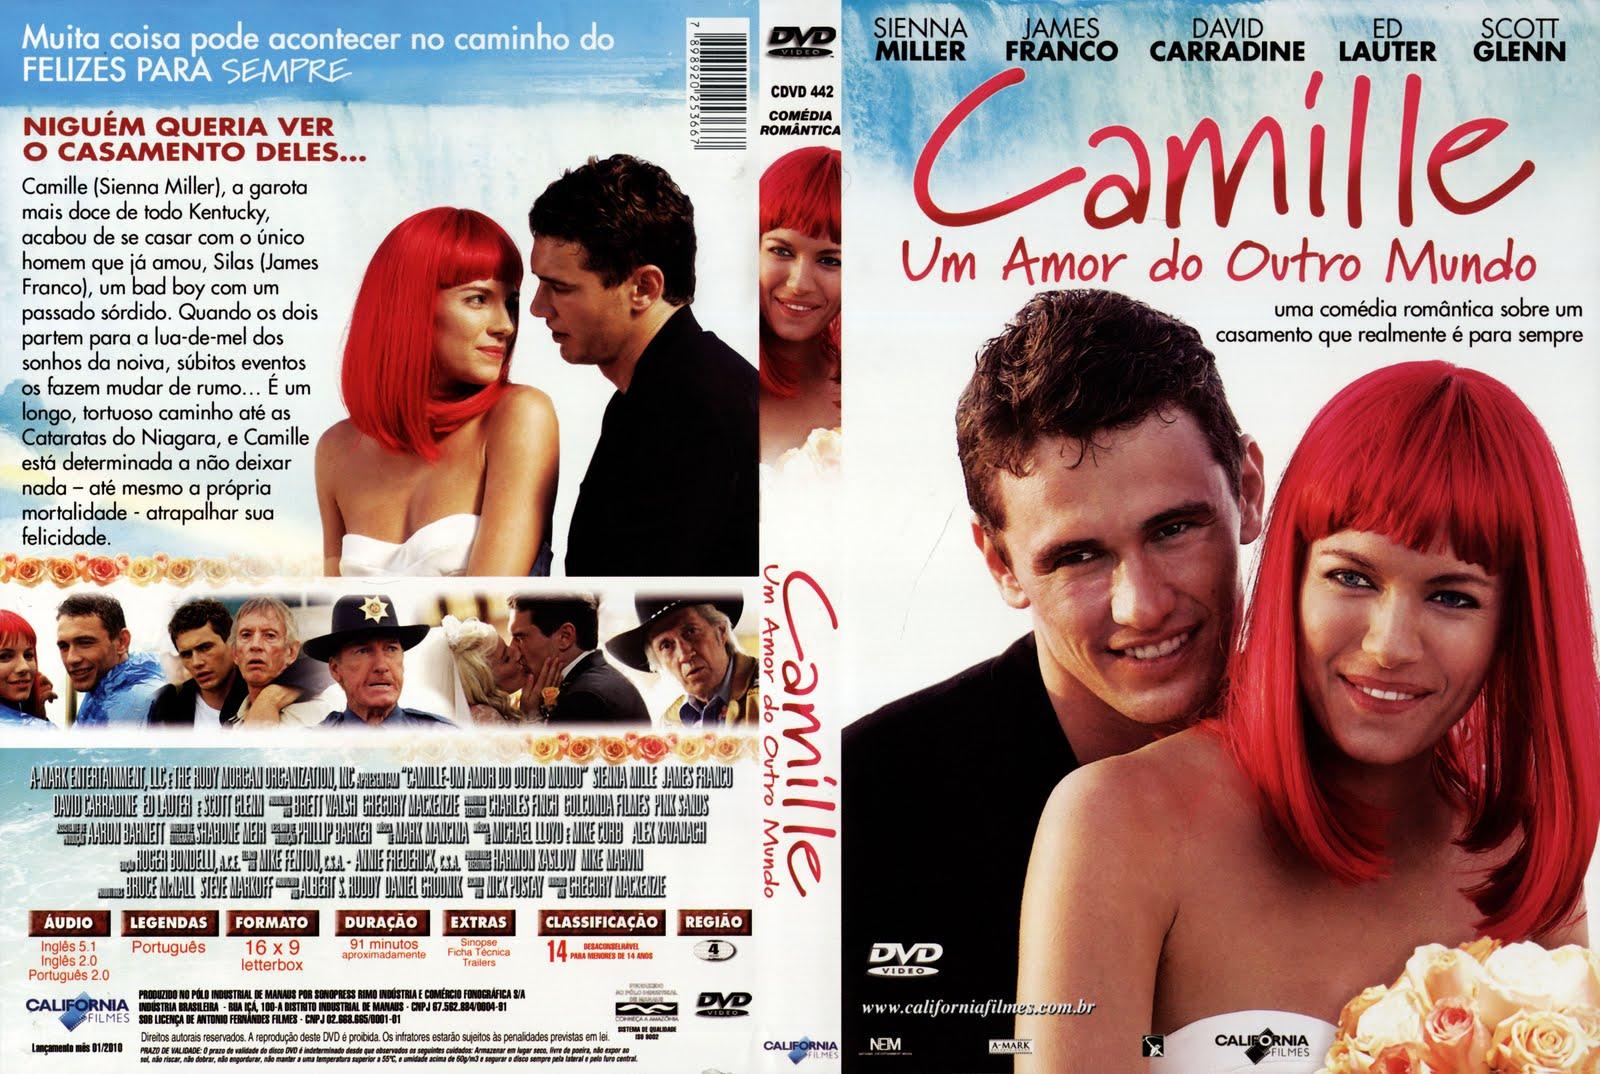 http://1.bp.blogspot.com/_avx0CDv74_c/TCpEMXWzl_I/AAAAAAAAADk/ECq3Kzjrlp4/s1600/Camille.jpg